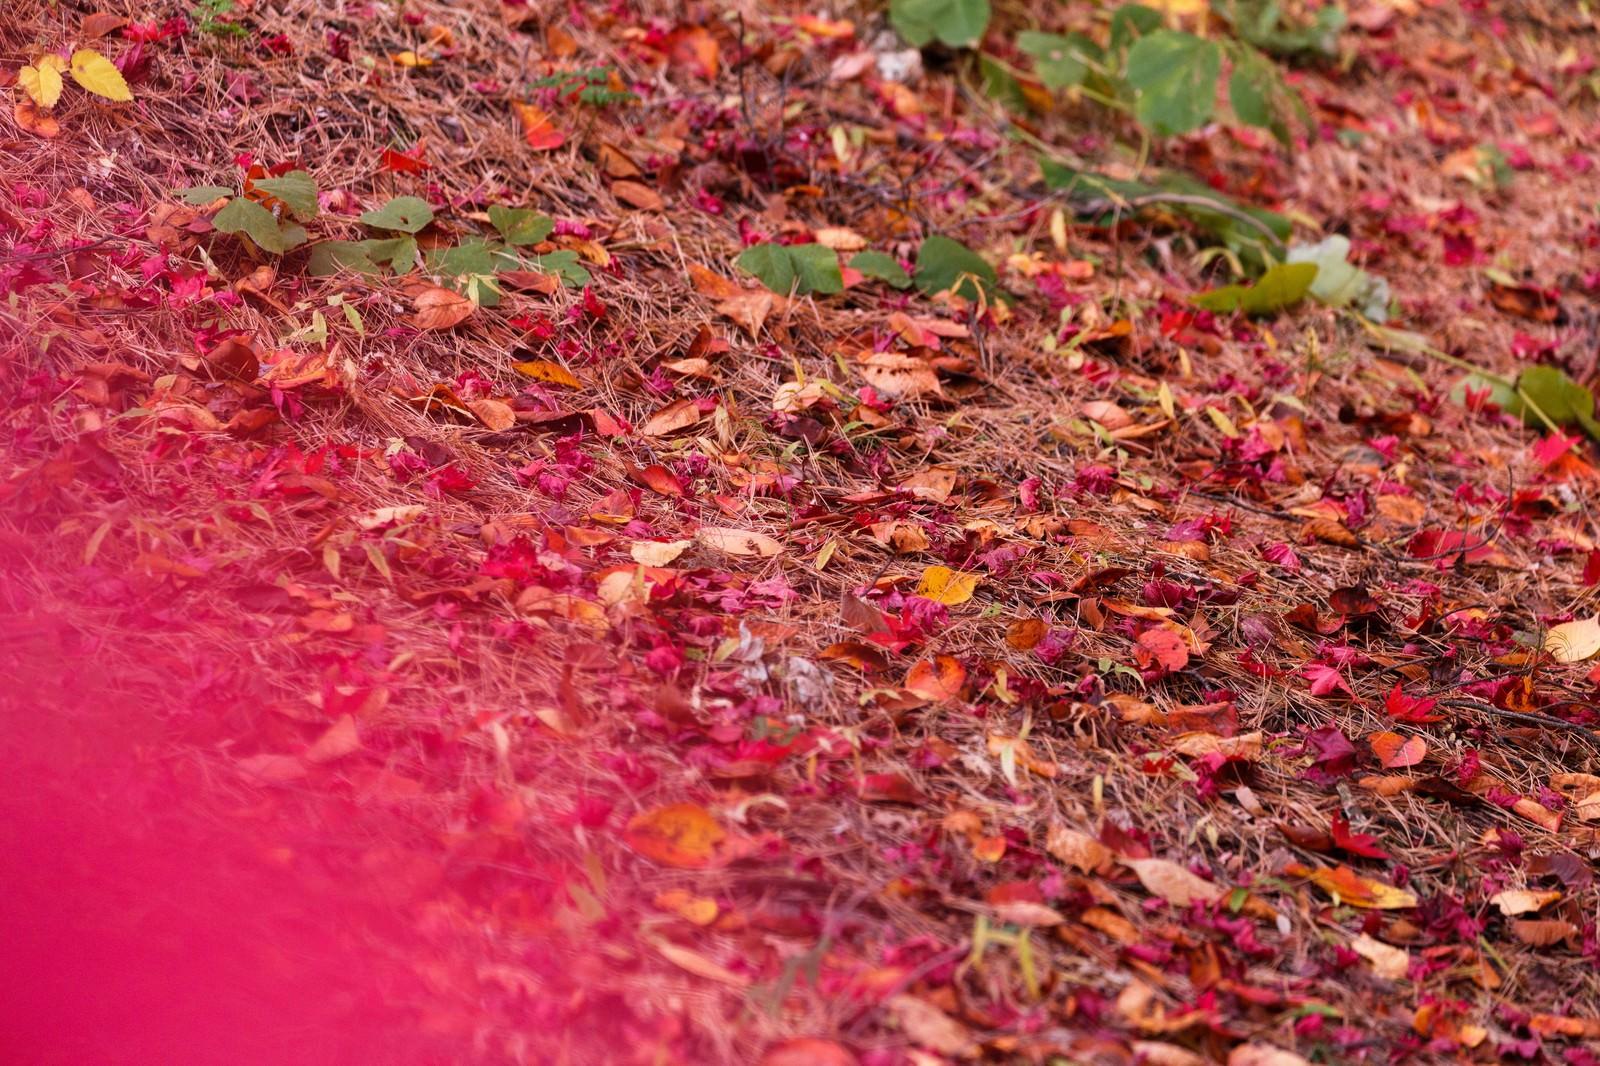 「赤い落ち葉赤い落ち葉」のフリー写真素材を拡大